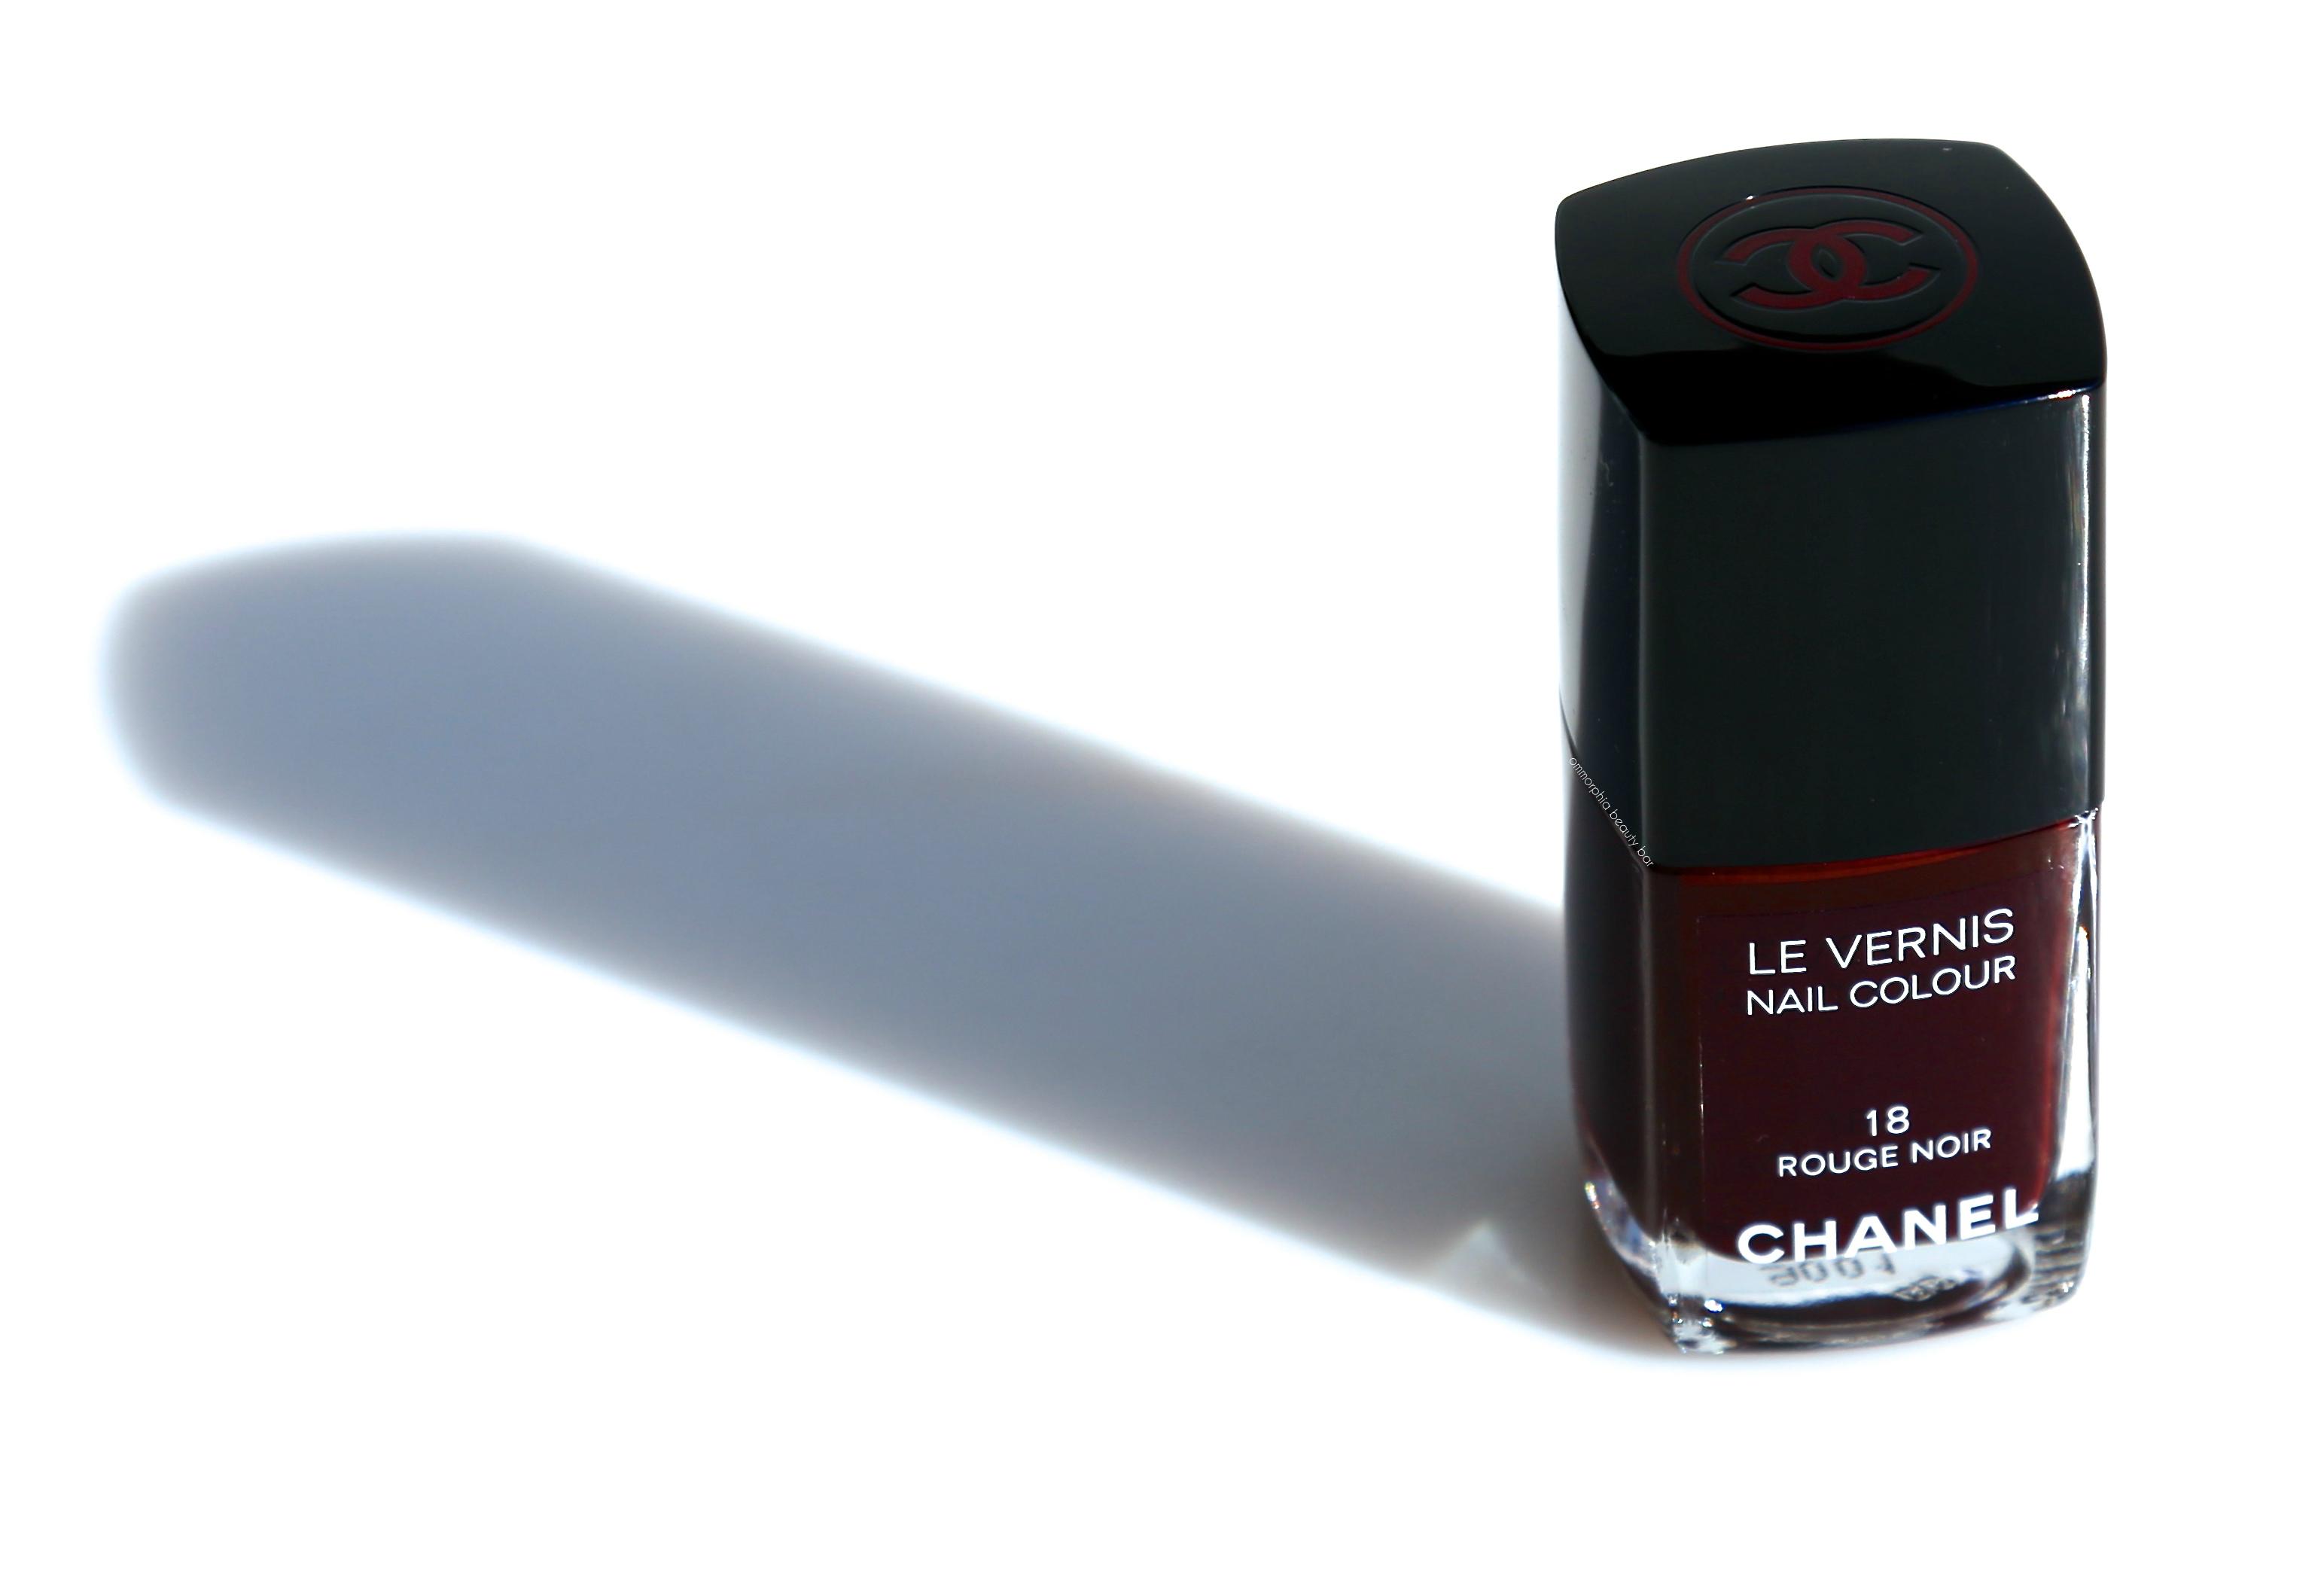 Methode roulette rouge noir